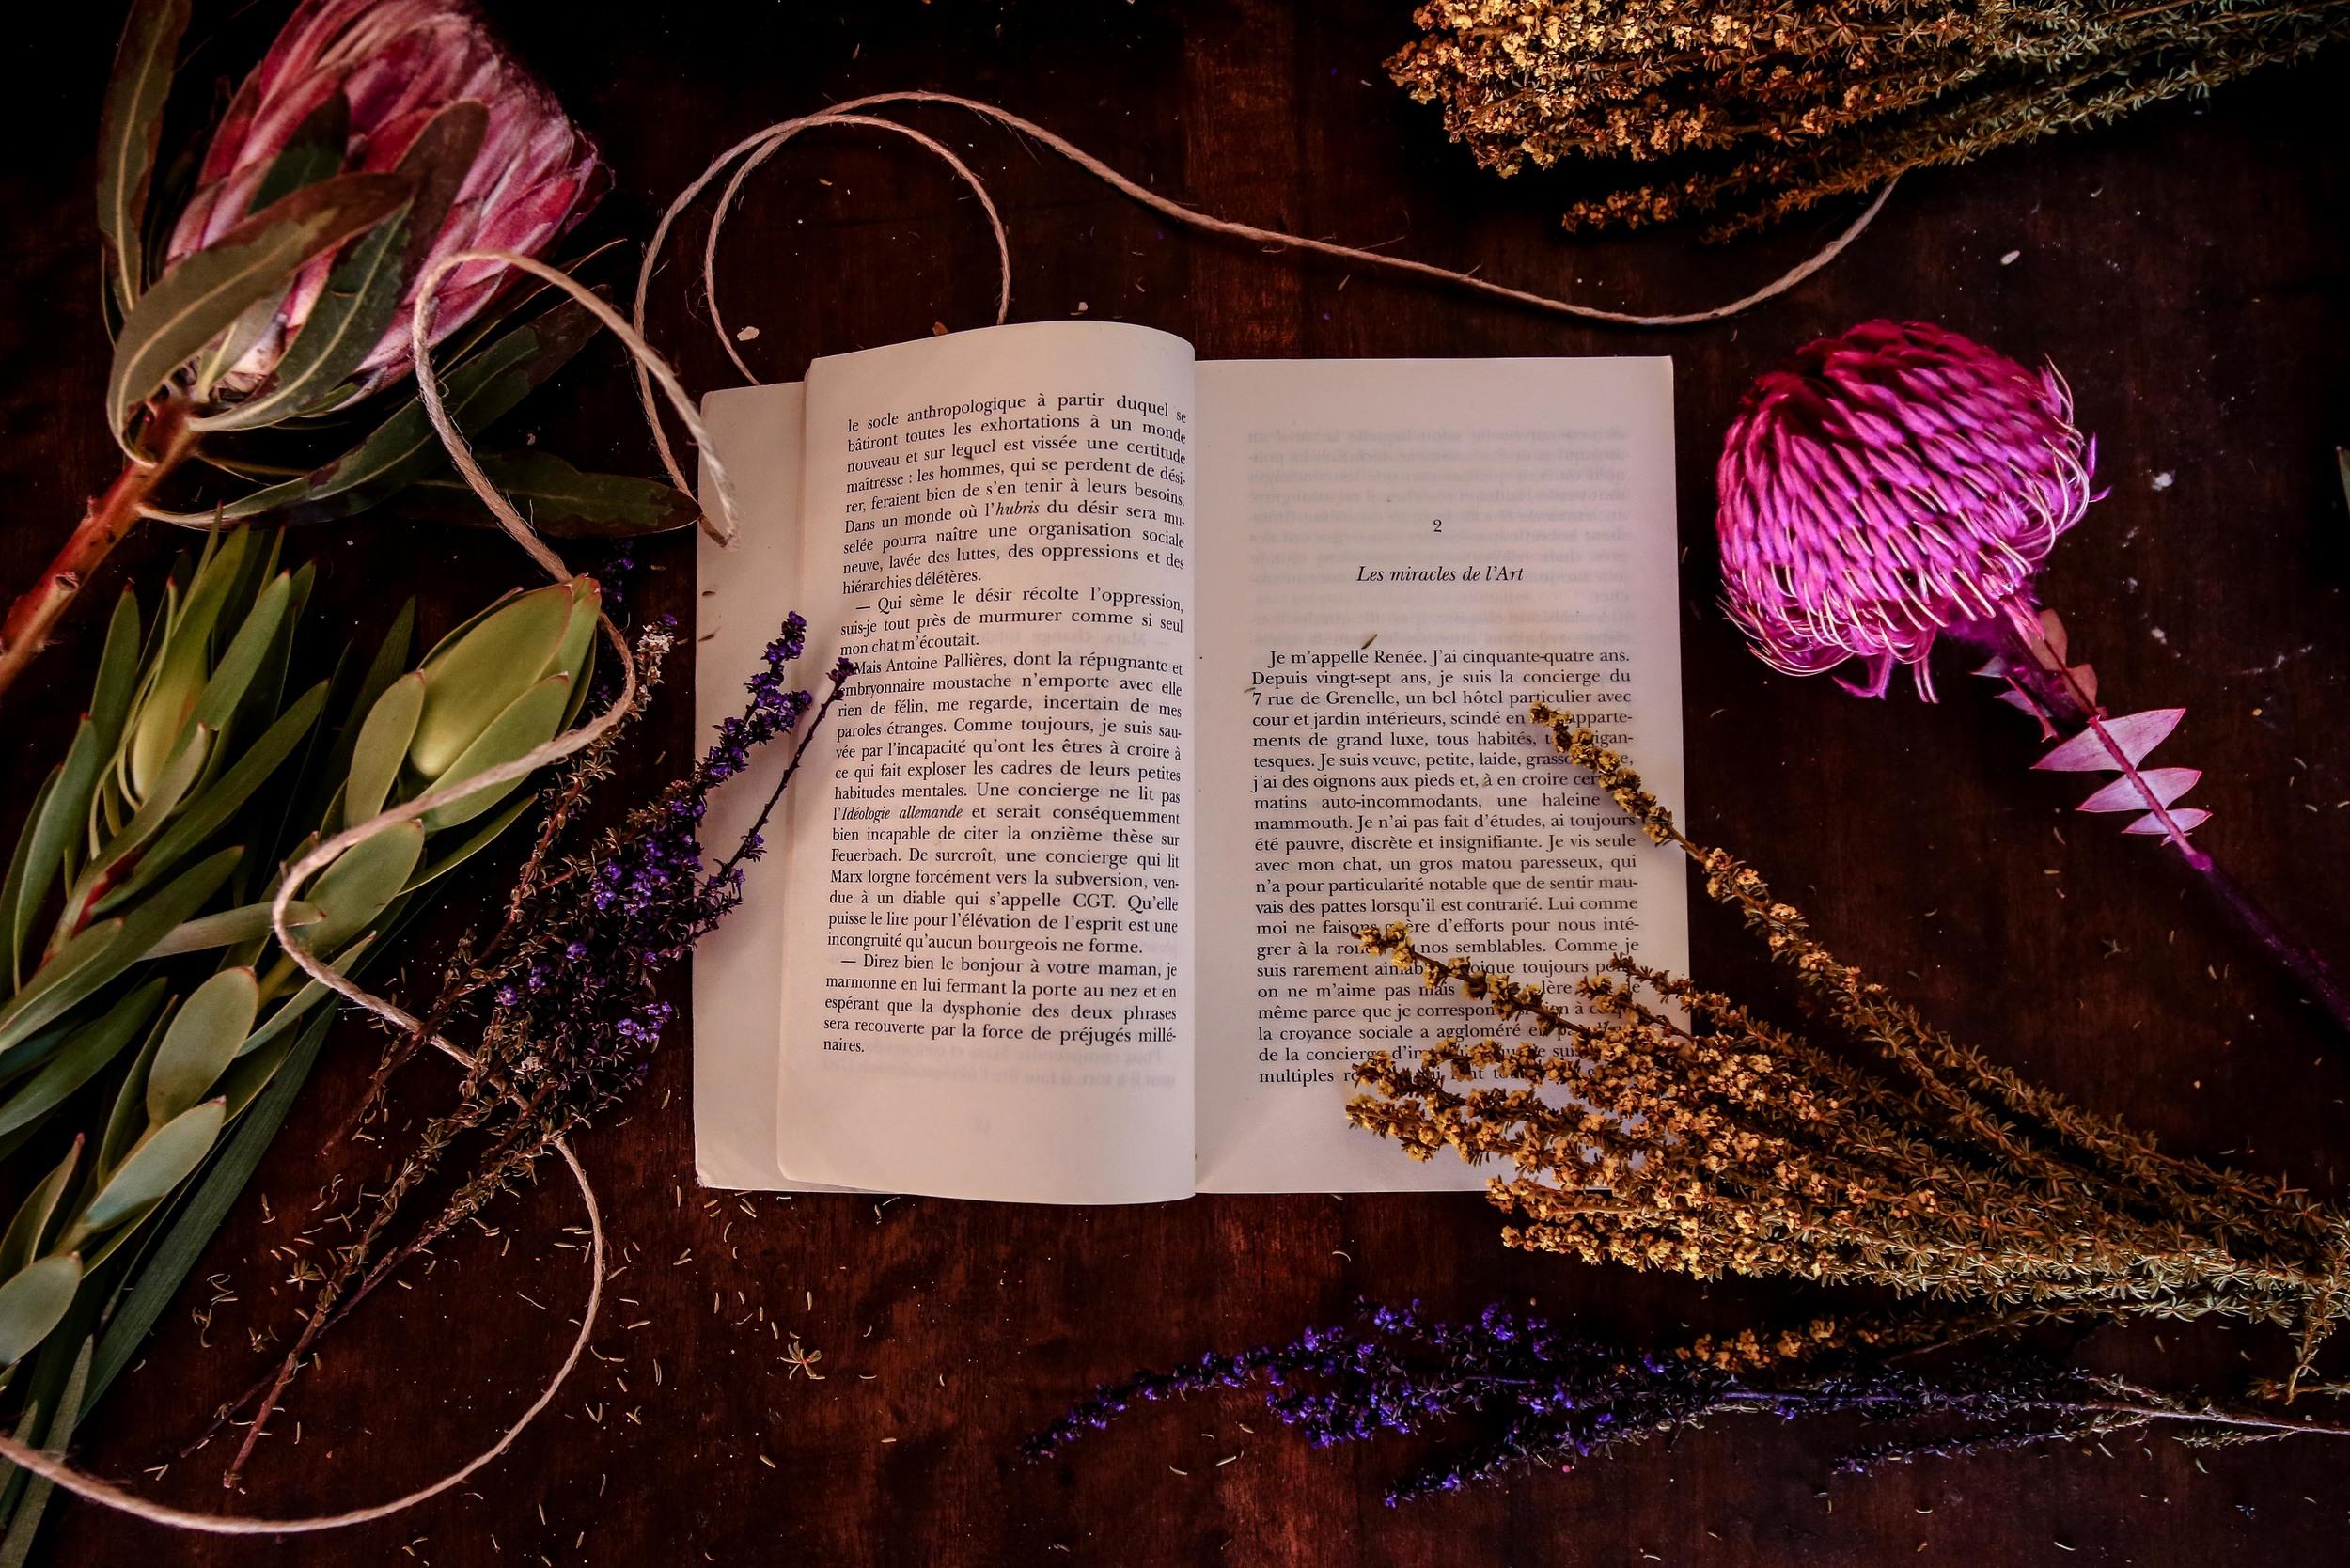 mircales of art book-1.jpg